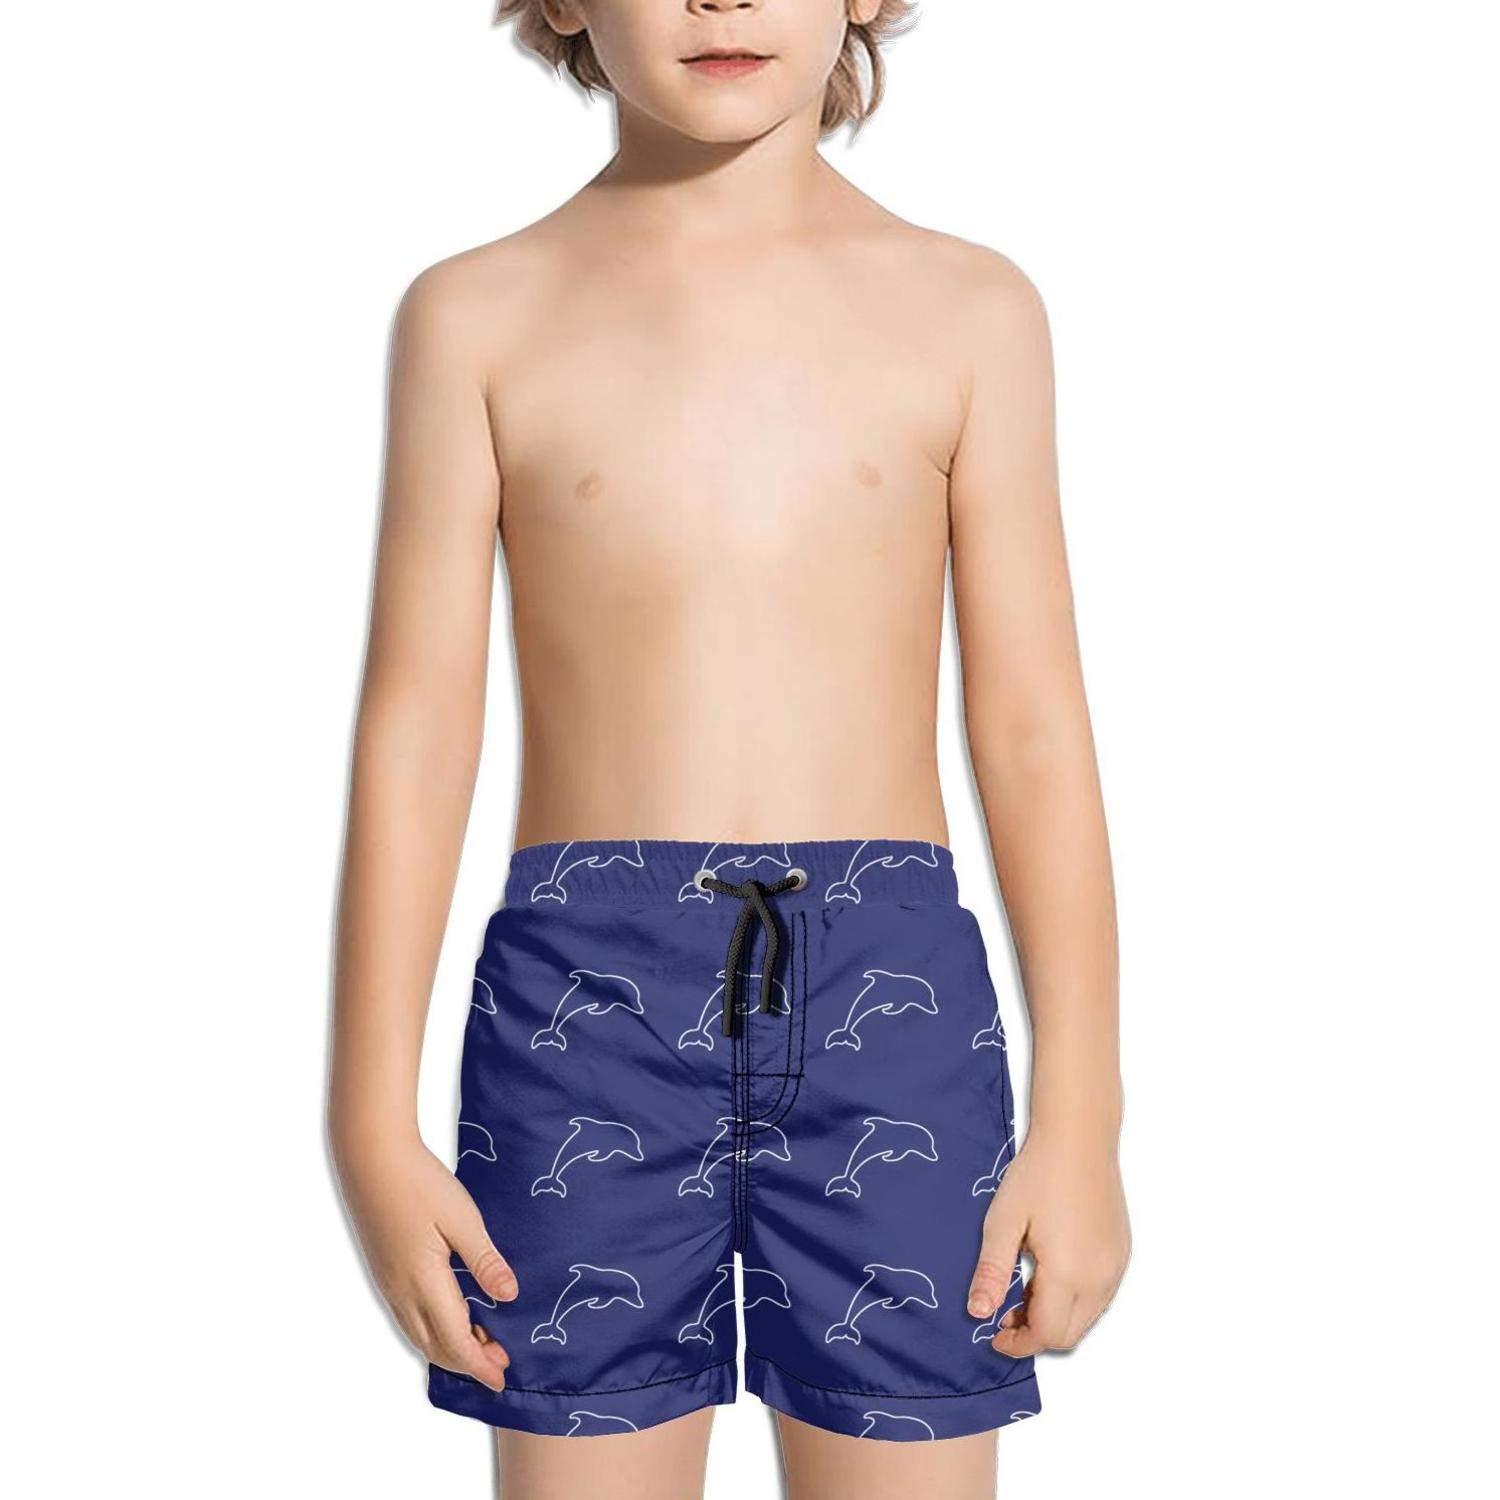 FullBo Love Dolphins Heart Little Boys Short Swim Trunks Quick Dry Beach Shorts